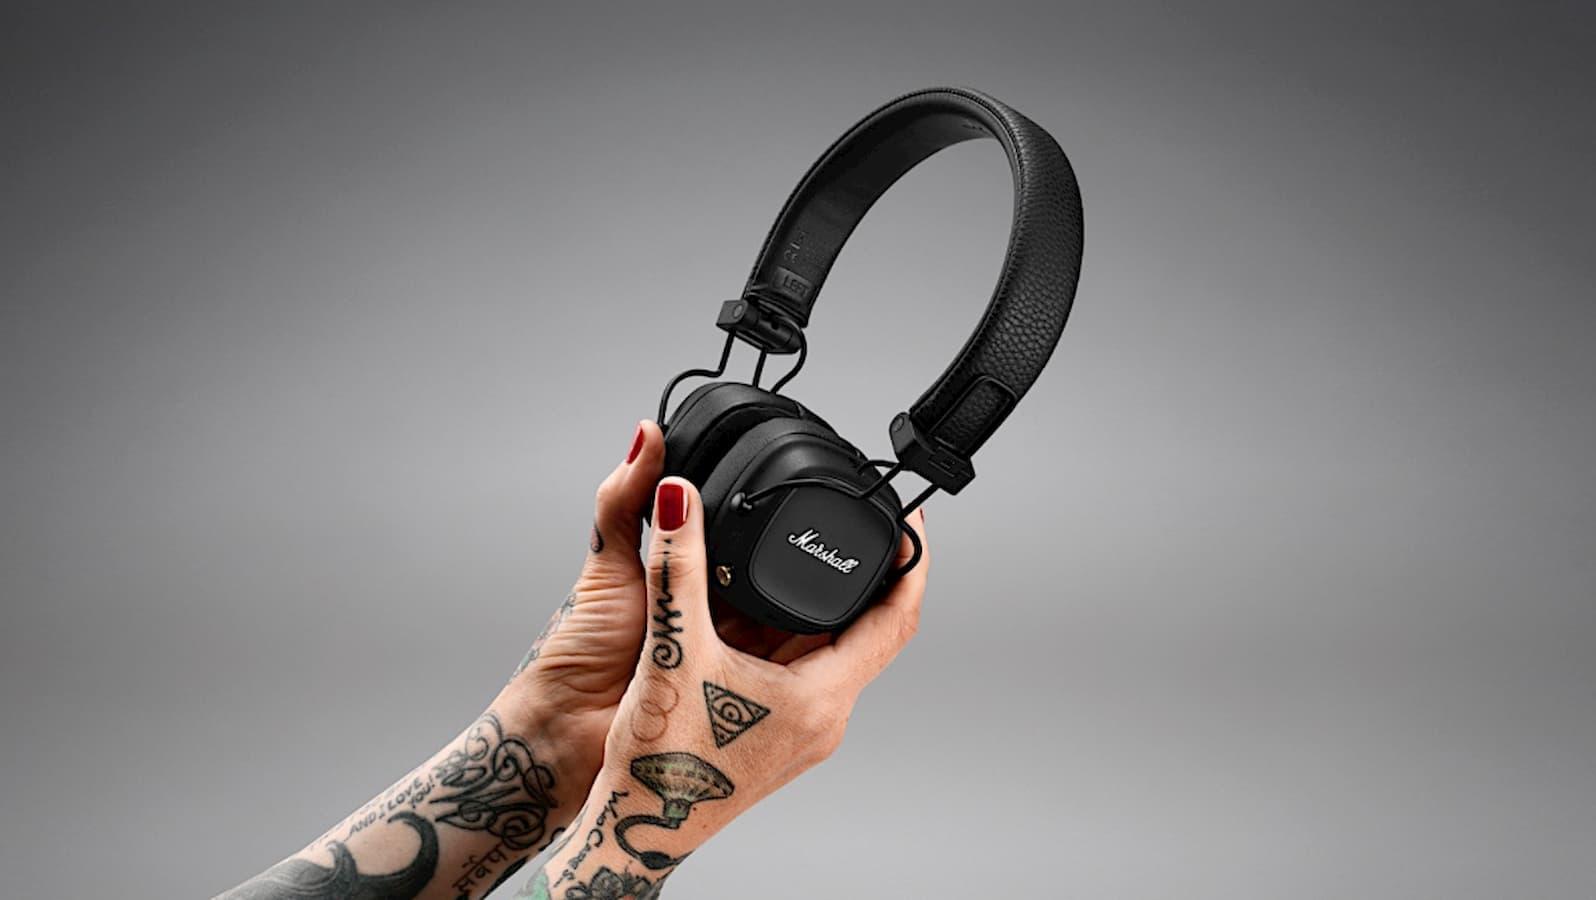 marshall major iv headphones